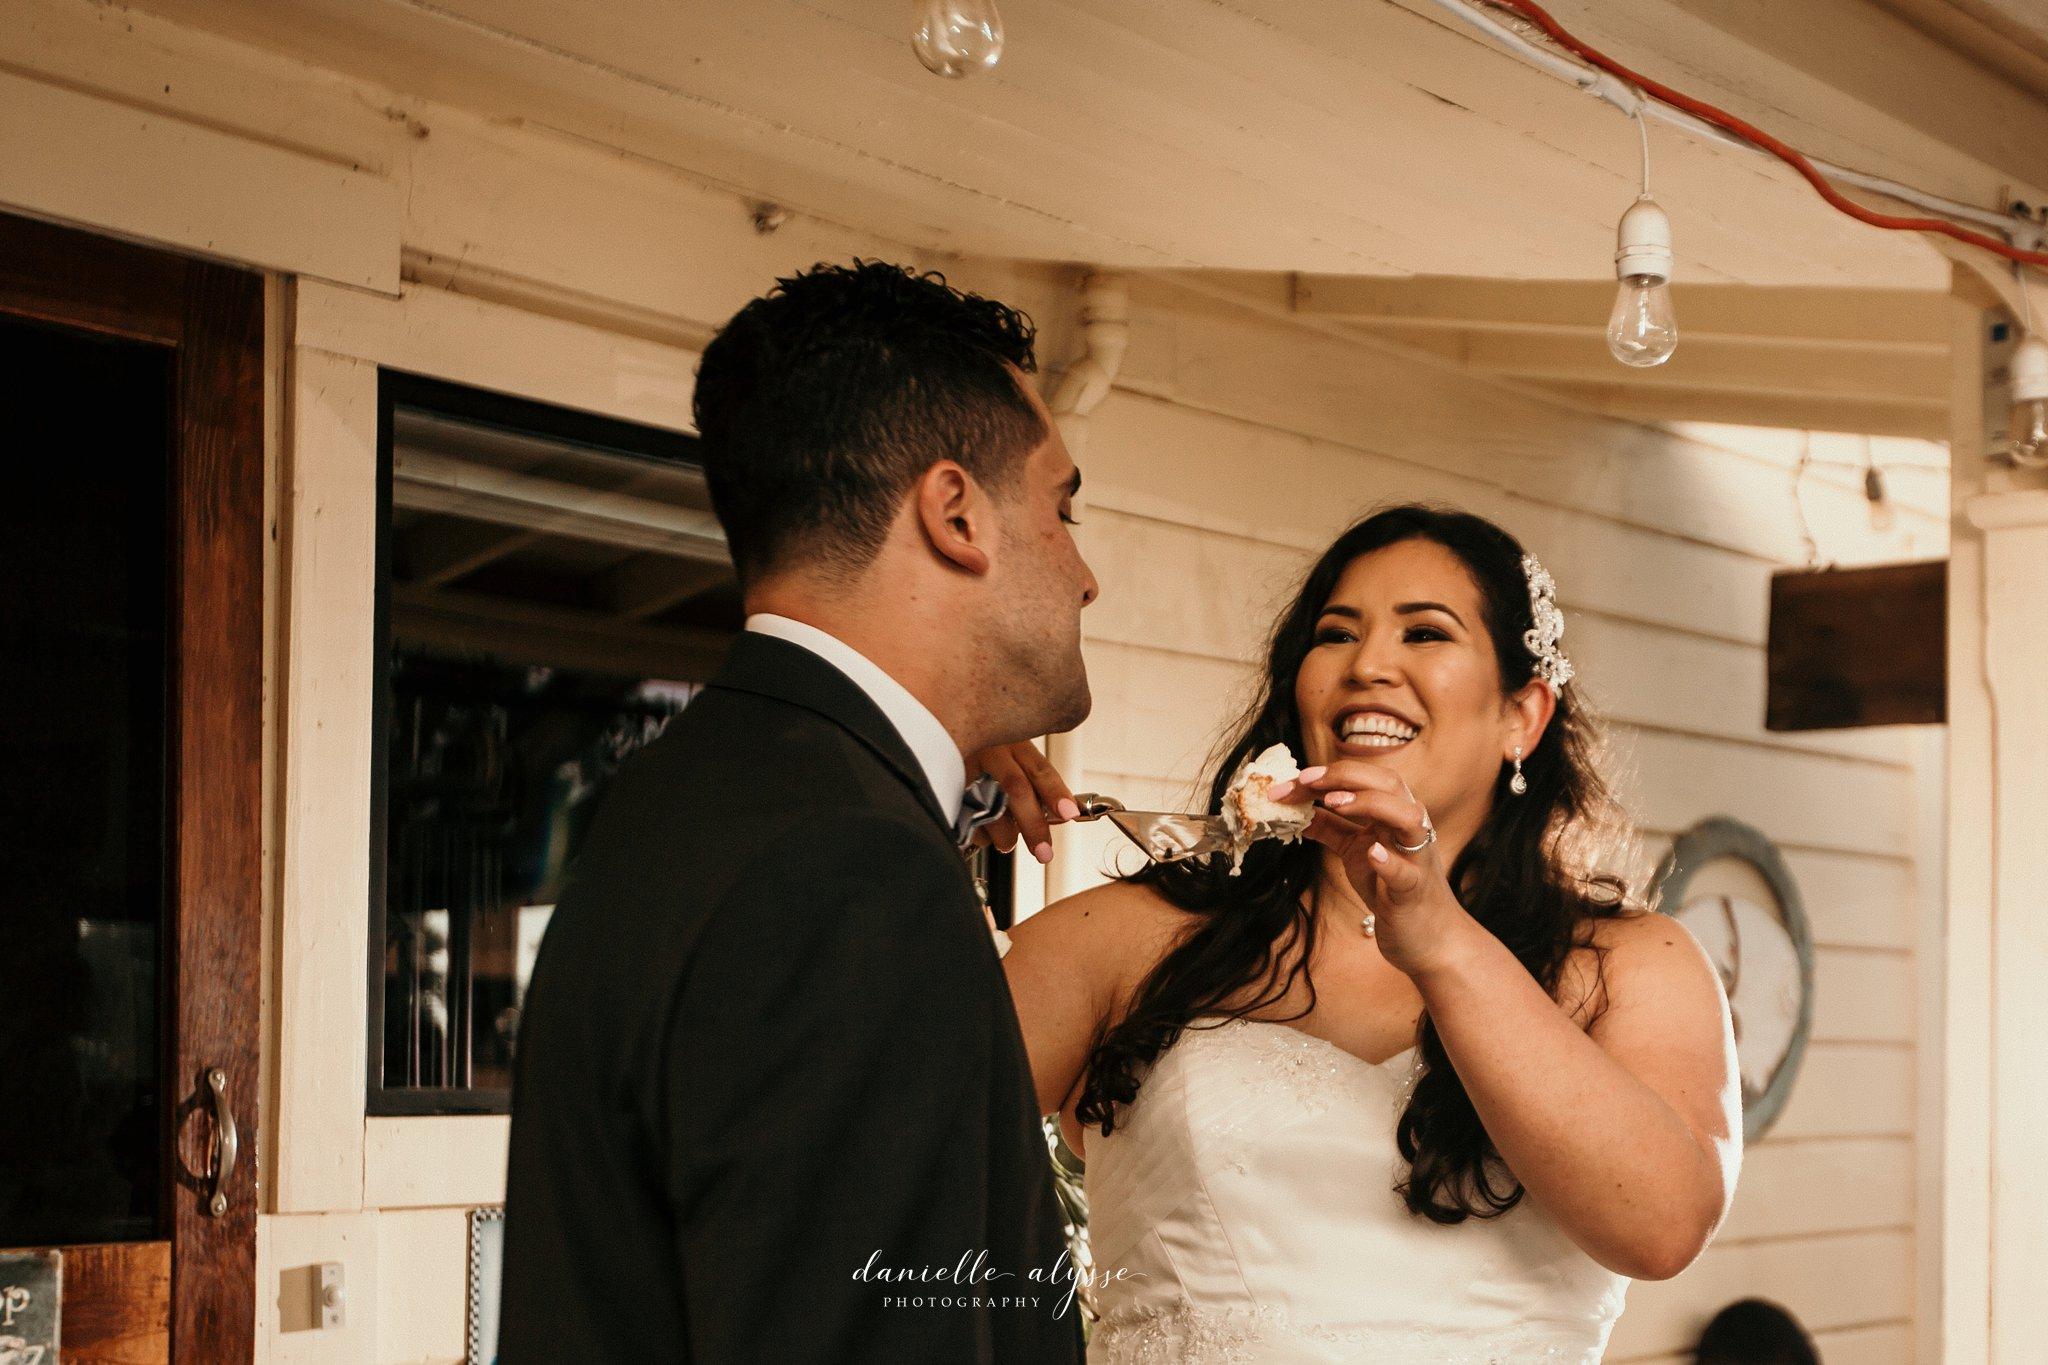 180630_wedding_lily_ryan_mission_soledad_california_danielle_alysse_photography_blog_1062_WEB.jpg